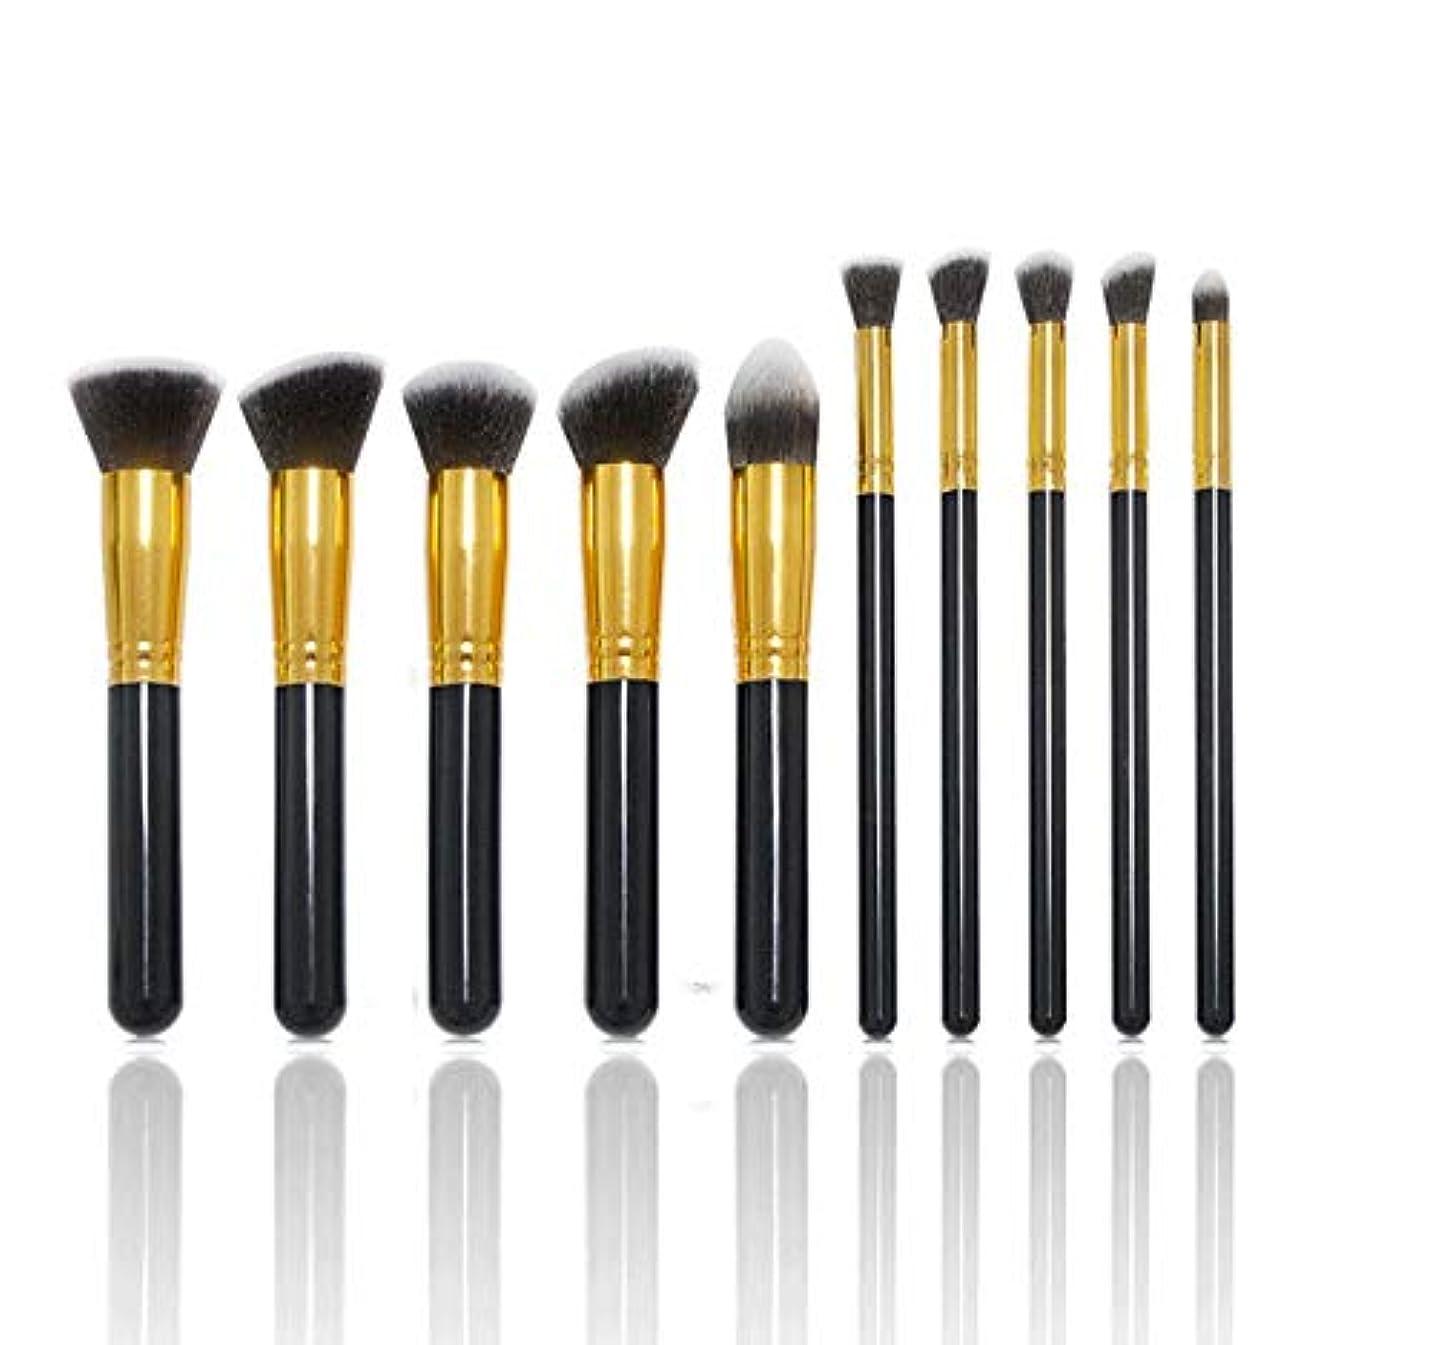 利用可能バルブ同級生SfHx 化粧ブラシセット、ブラックゴールド10化粧ブラシセットブラシアイシャドウブラシリップブラシ美容化粧道具